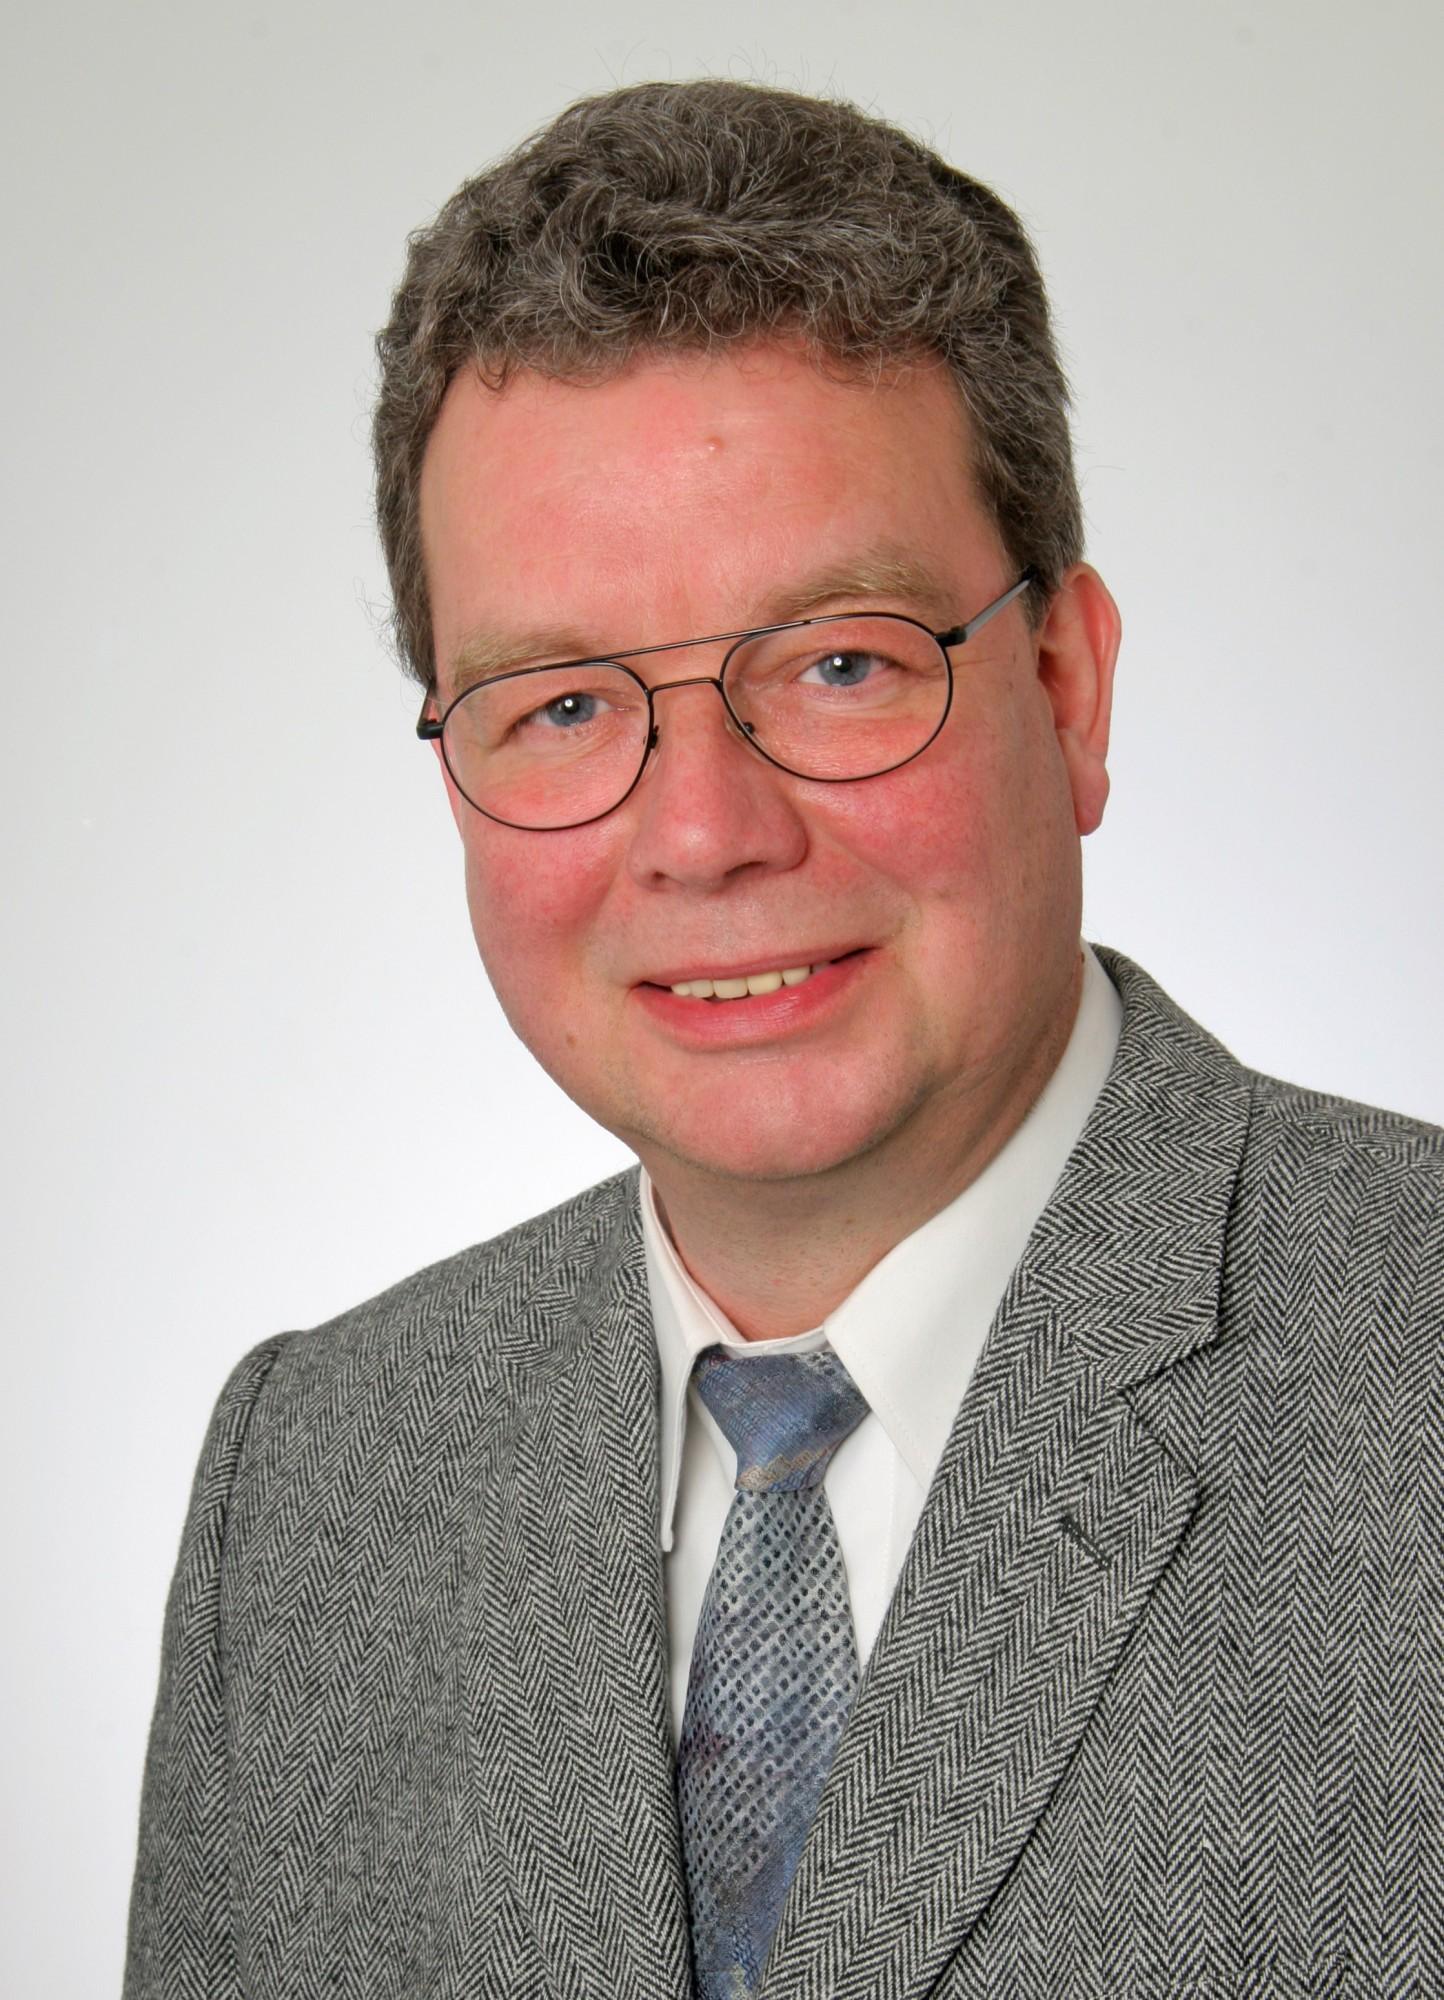 Abbildung von Dr. Armin Stromberg